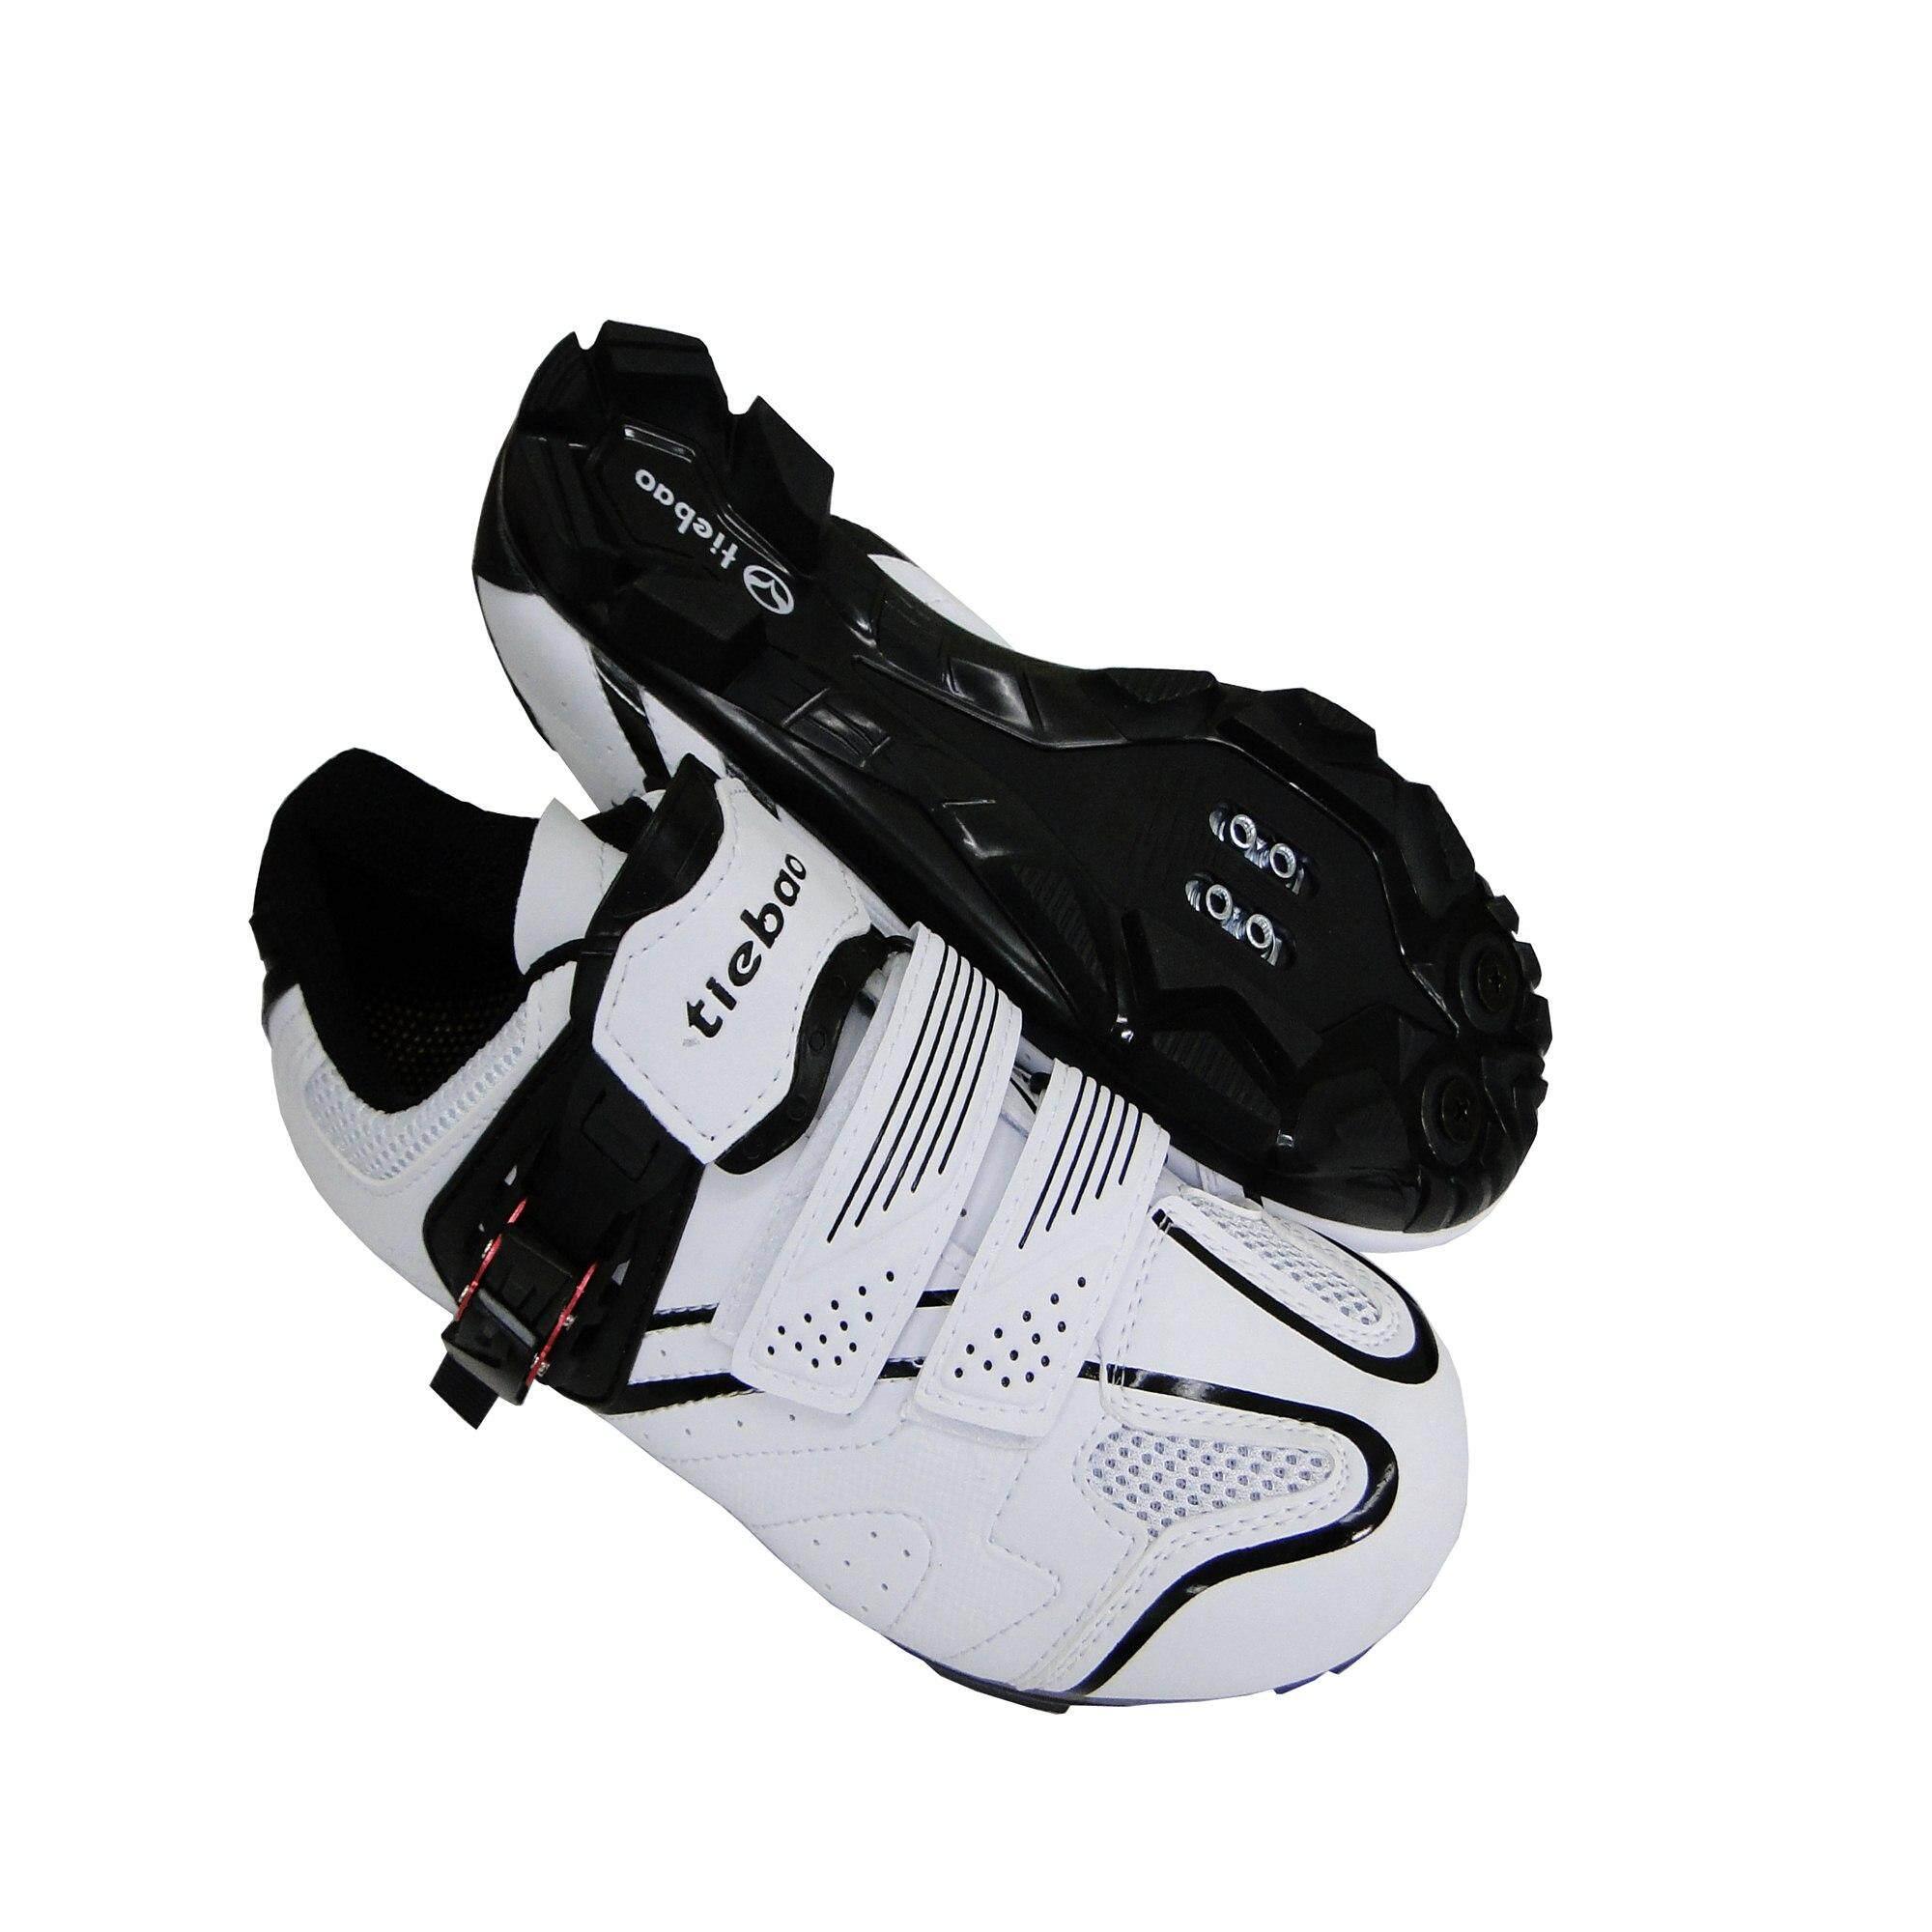 Tiebao รองเท้าปั่นจักรยาน เสือภูเขา สีขาว/ดำ รุ่นtb15-B1413.